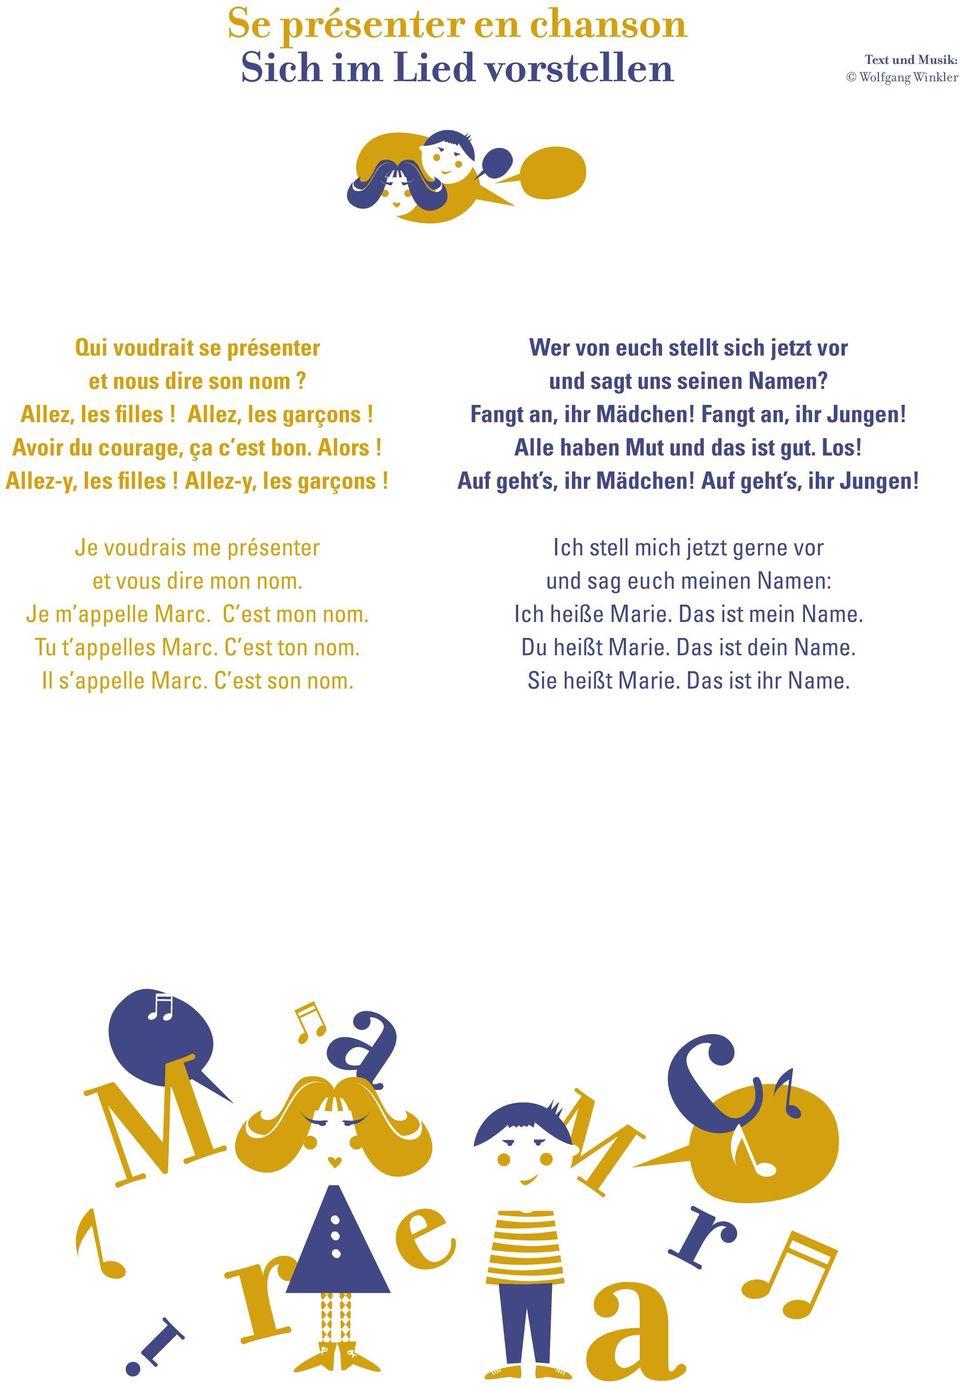 Bonjour» 12 Lieder Auf Französisch, Deutsch Und In Beiden dedans Bonjour Monsieur Comment Ca Va